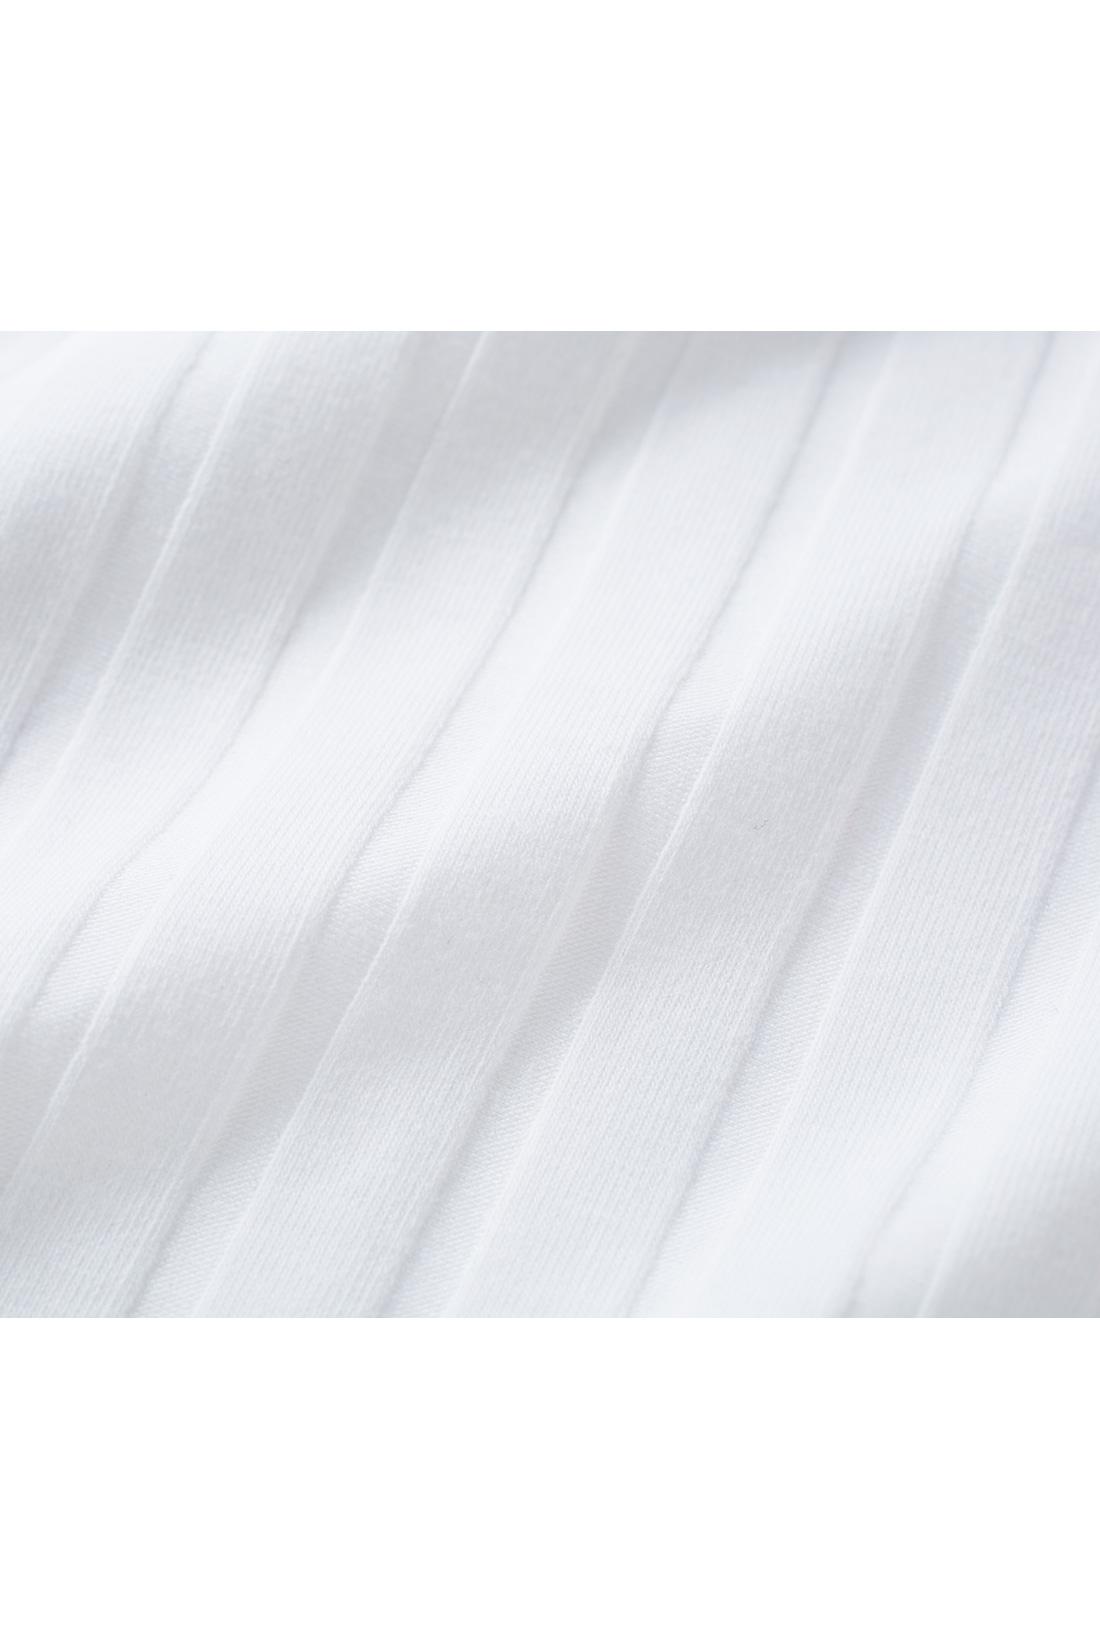 カットソータンクはワイドリブが旬顔。一枚でも使える上品シルエットにこだわりました。